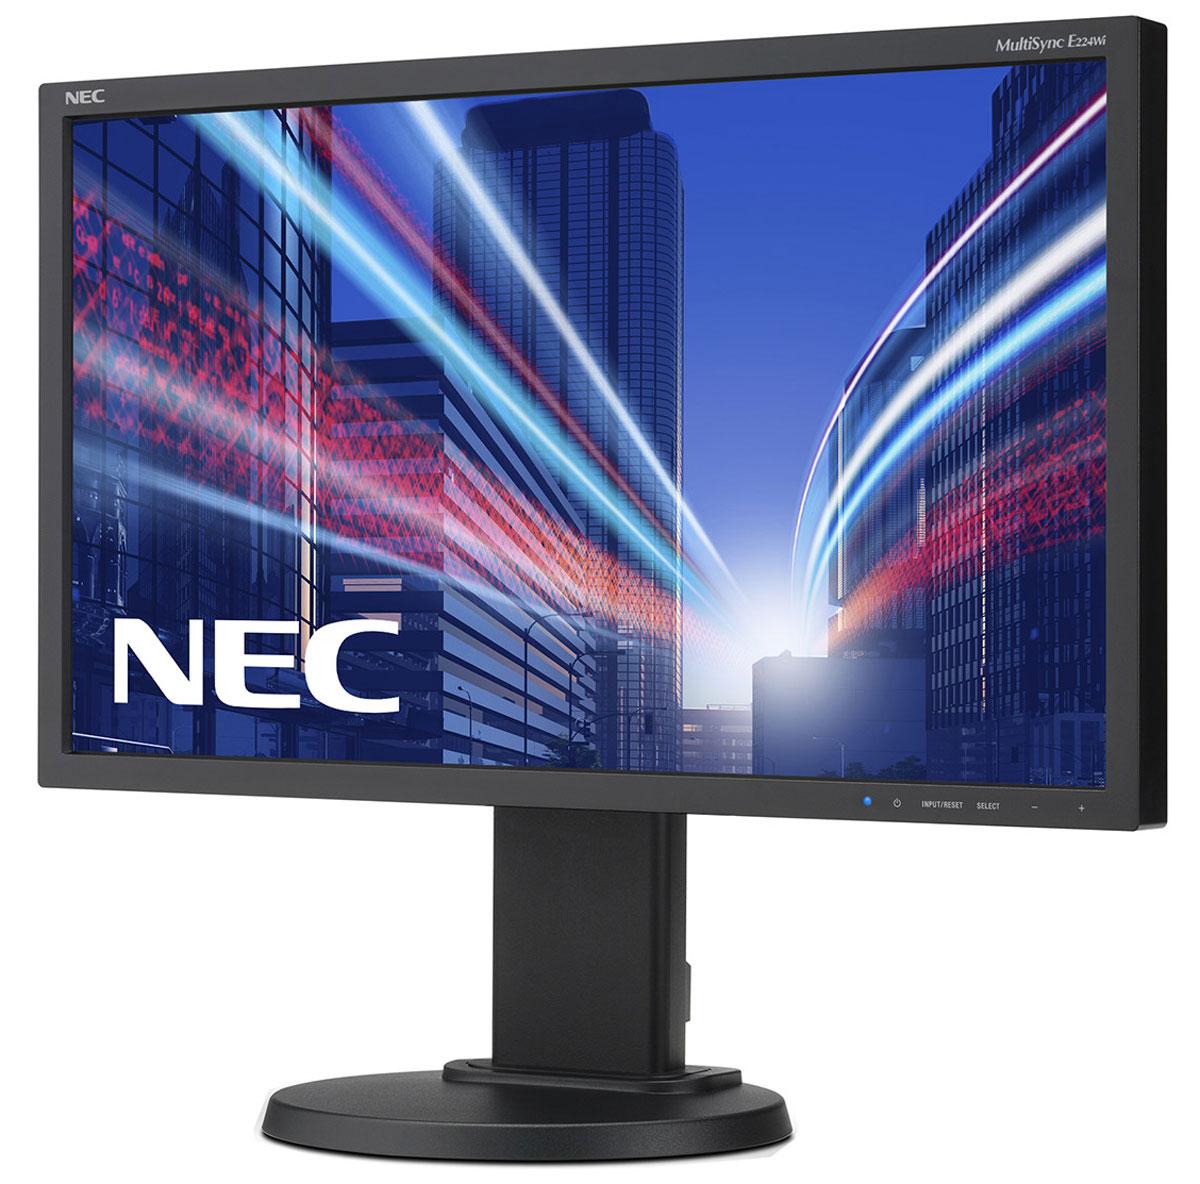 NEC E224Wi-BK, Black монитор